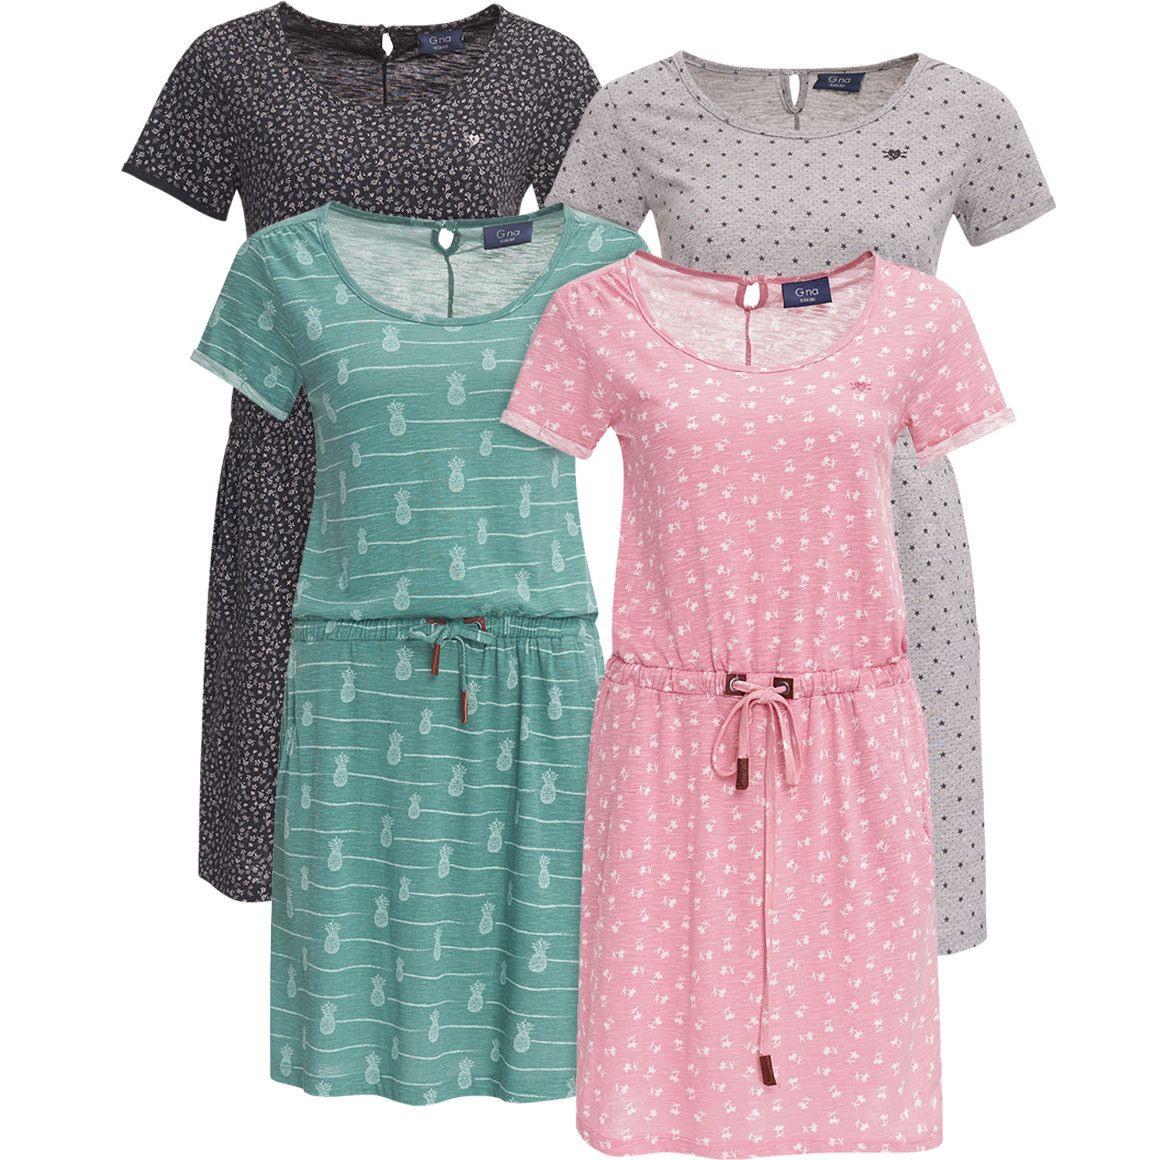 Ernsting's Familyab 29319 Gina Damen Kleid Mit